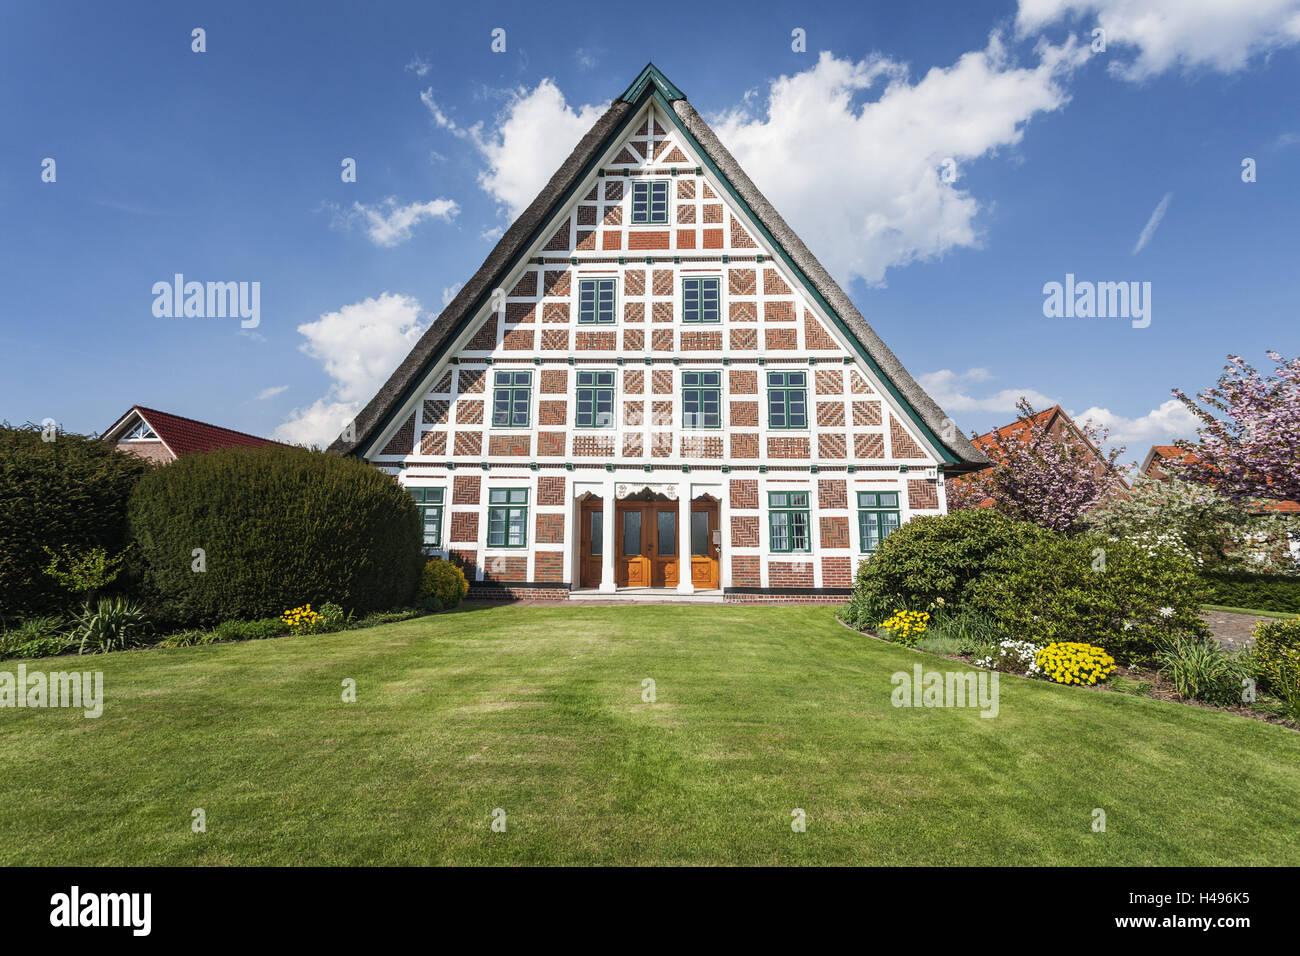 deutschland niedersachsen altes land region jork dorf reetgedeckte haus stockfoto. Black Bedroom Furniture Sets. Home Design Ideas